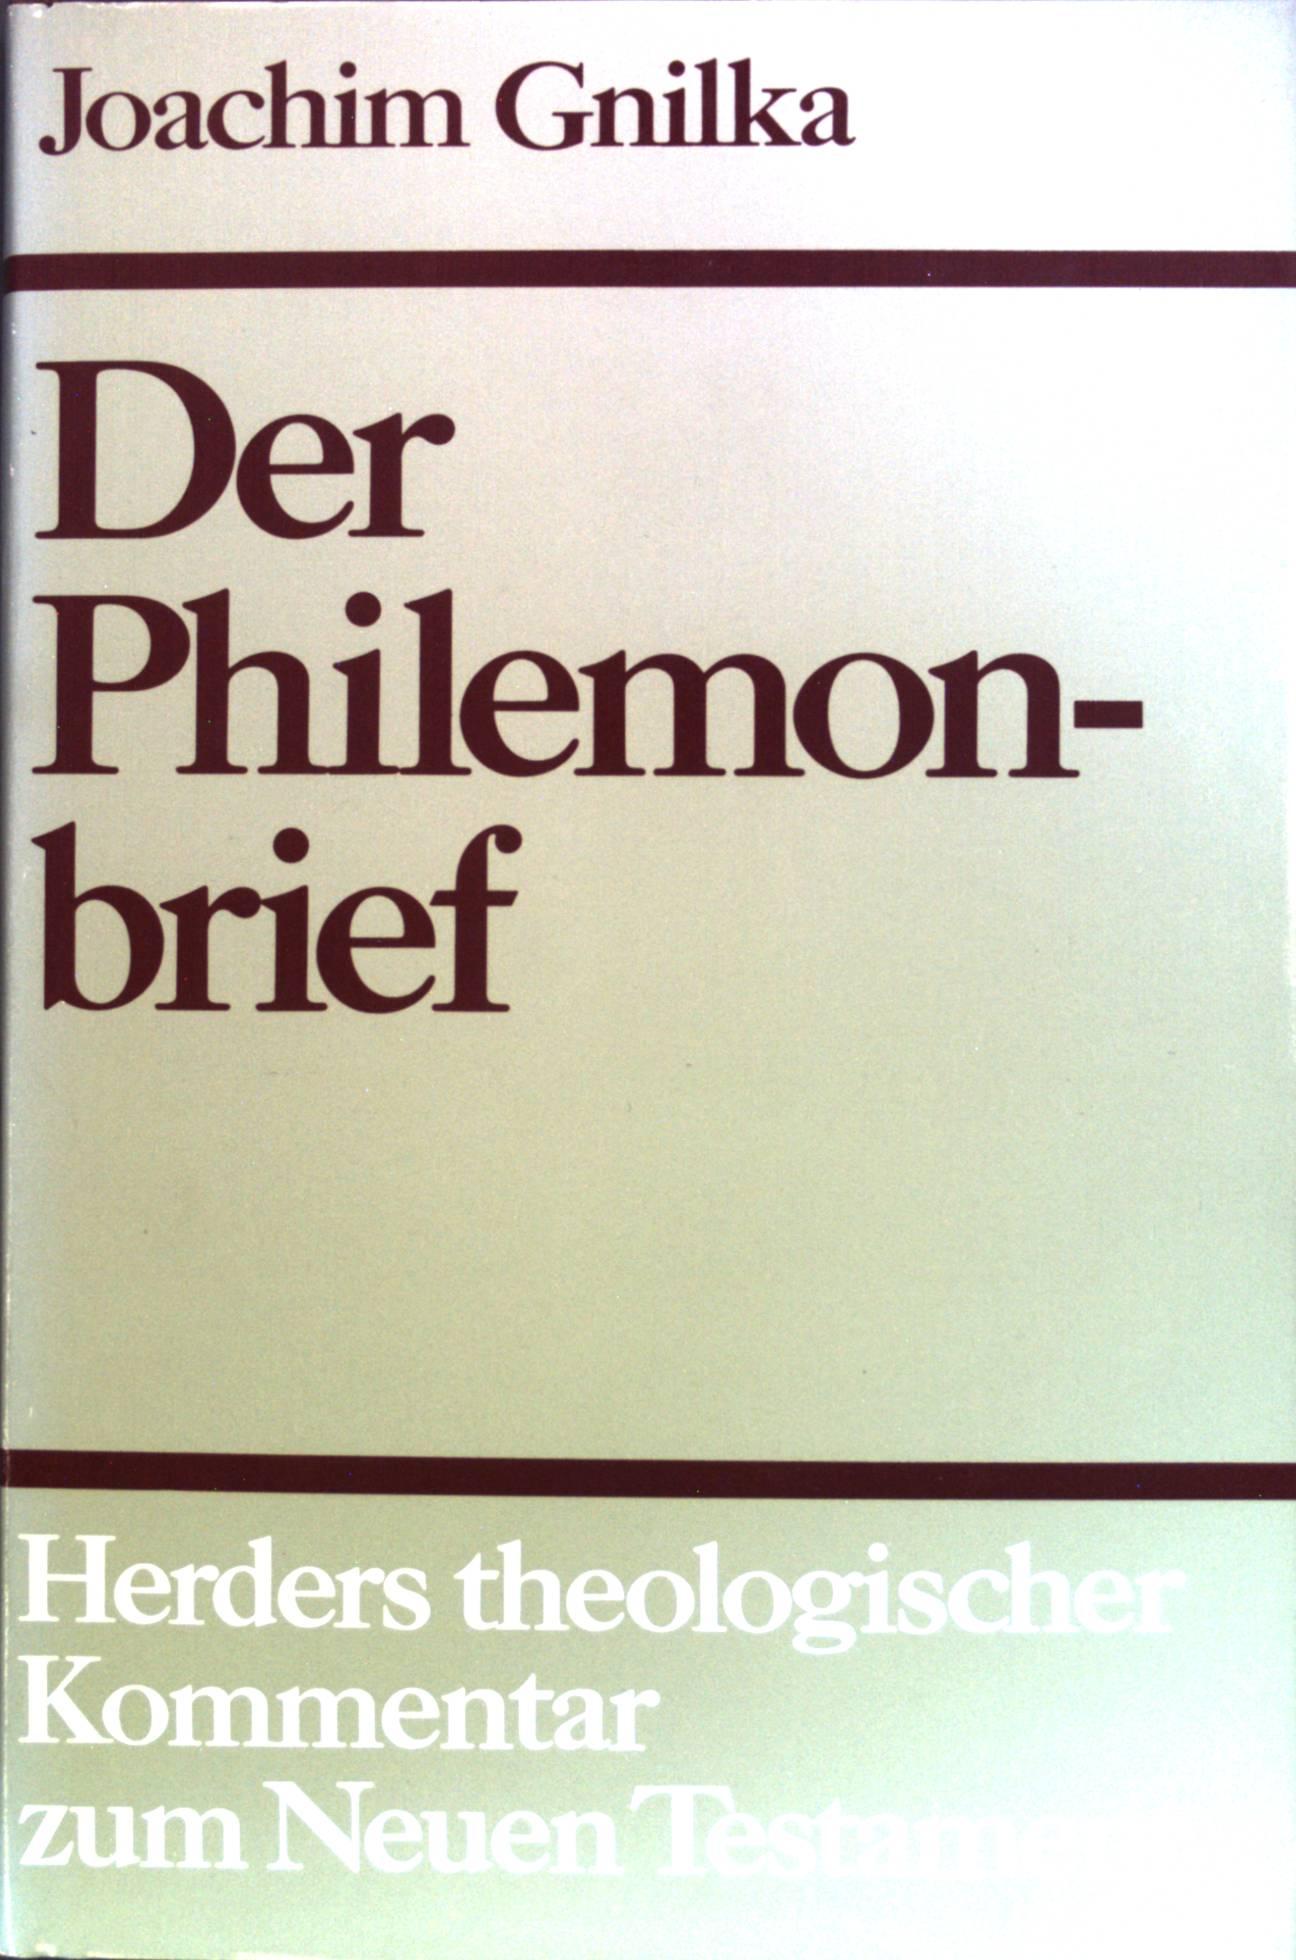 Der Philemonbrief. Herders theologischer Kommentar zum Neuen Testament ; Band. 10, Fasz. 4 - Gnilka, Joachim